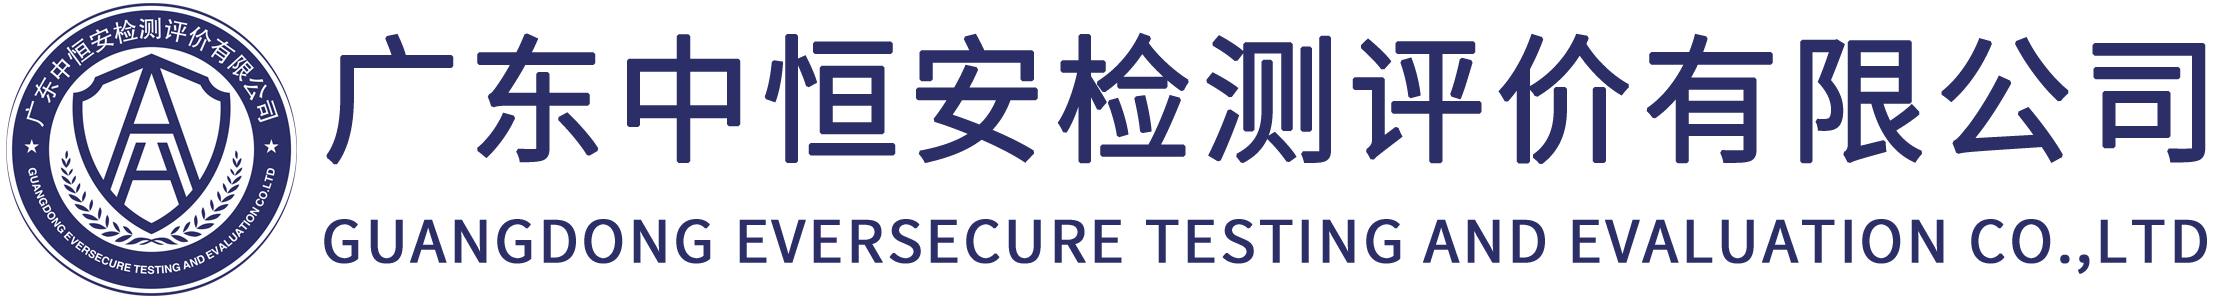 廣東AG现金网檢測評價有限公司